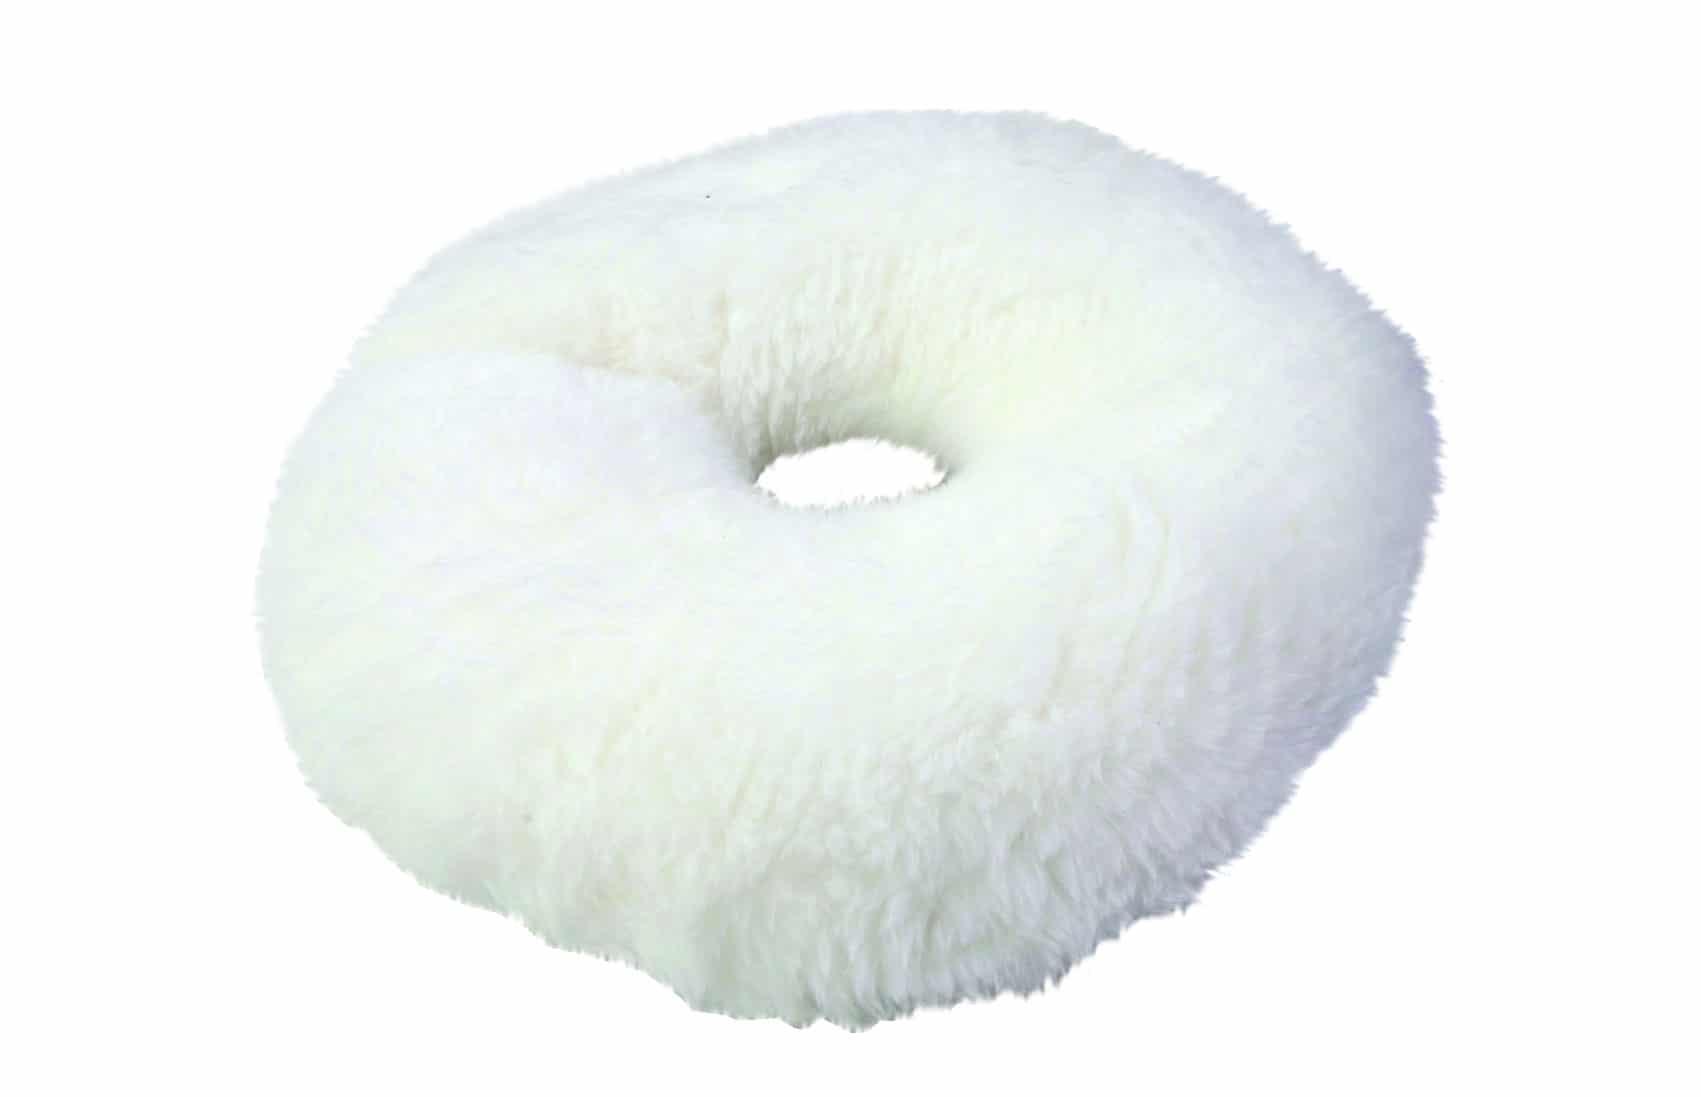 Almofada c/ Formato Circular Fechado da Orthos XXI, em pele sintética, uma almofada de conforto ideal para a dispersão de pressão na posição sentada.